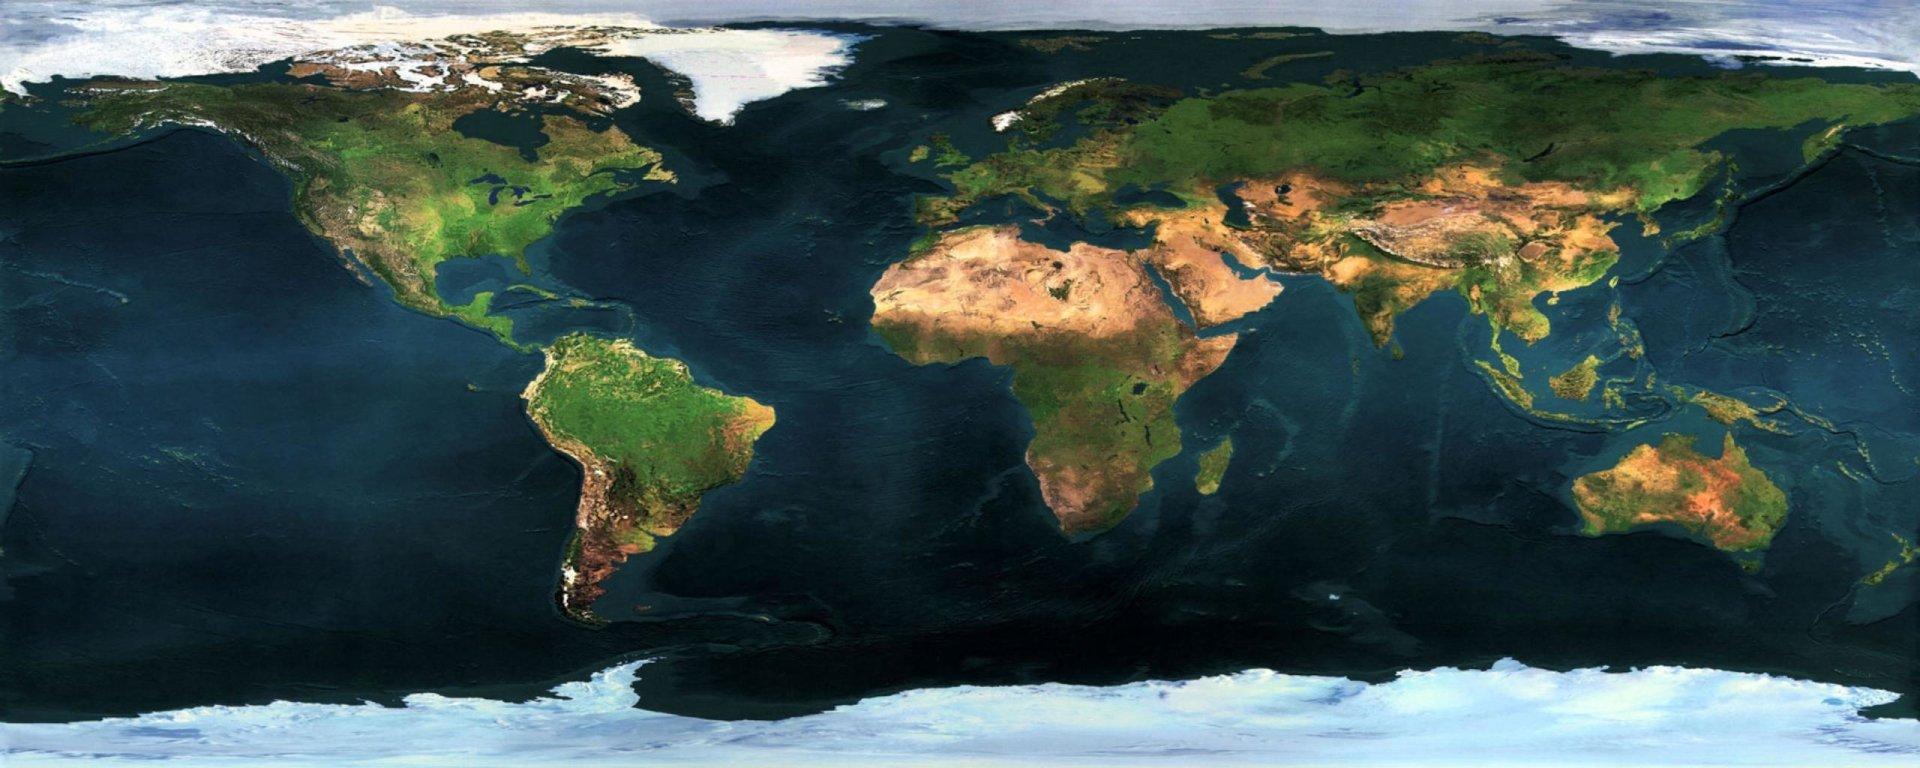 Multi Monitor - Earth  Wallpaper